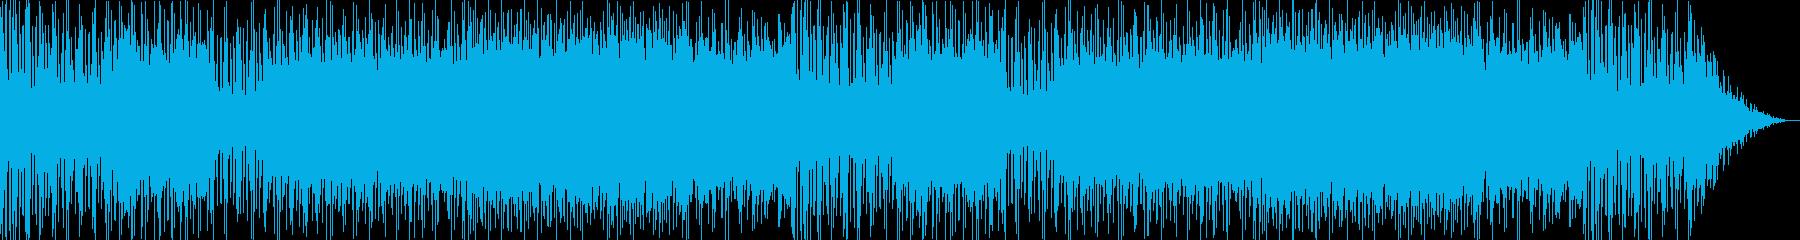 活気あふれるケルトミュージックの再生済みの波形